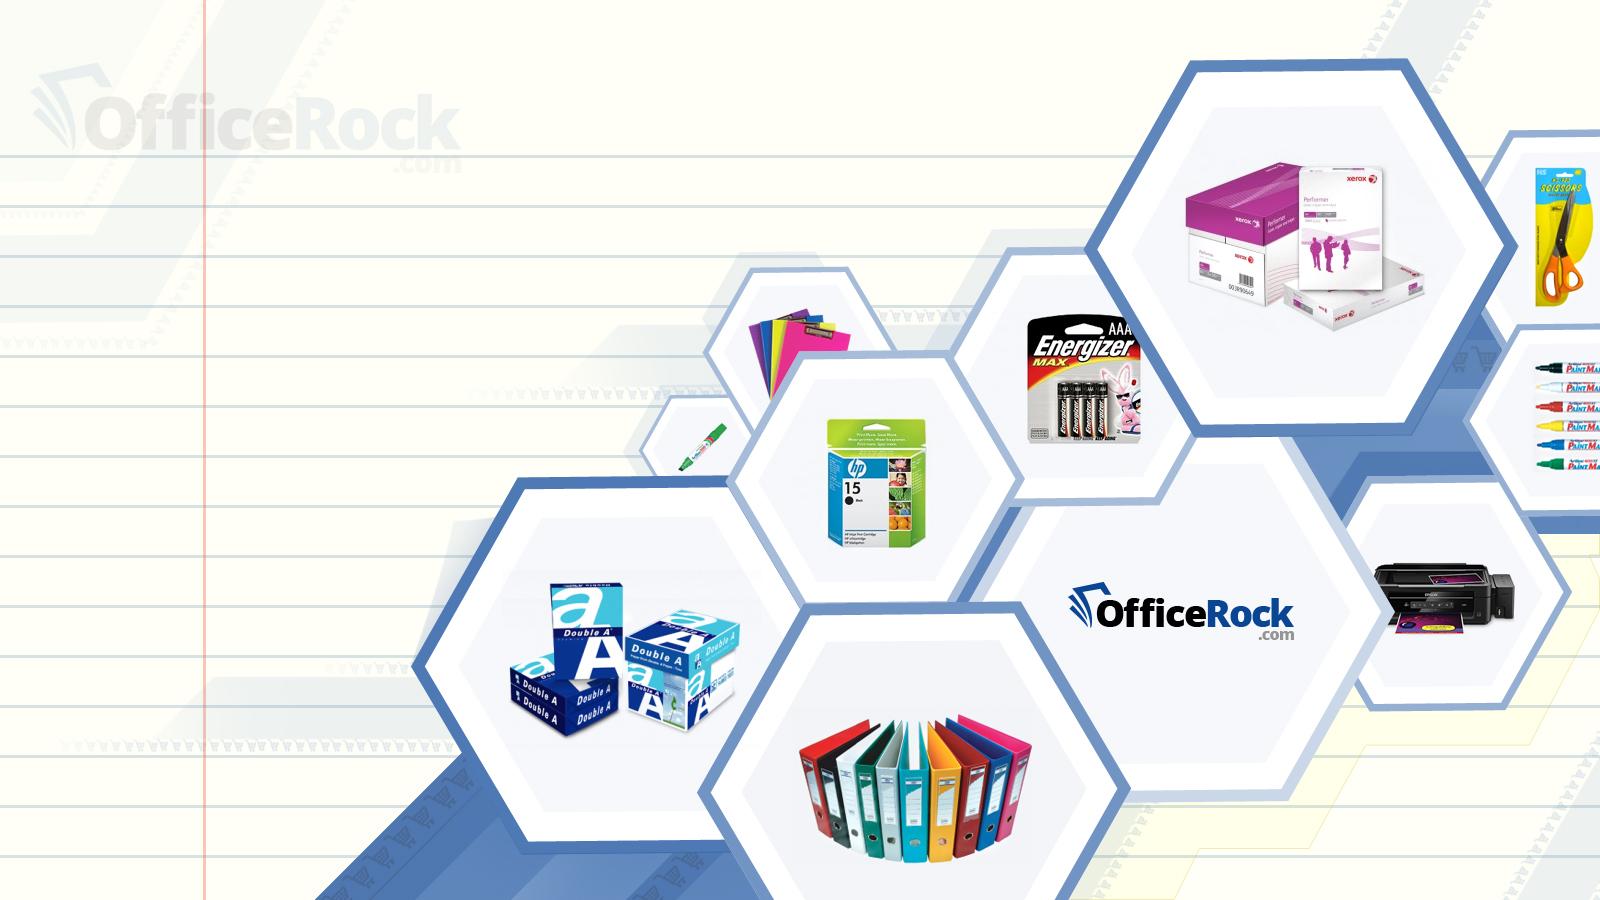 أوفيس روك .. منصة إلكترونية لكافة اللوازم المكتبية الخاصة بالشركات